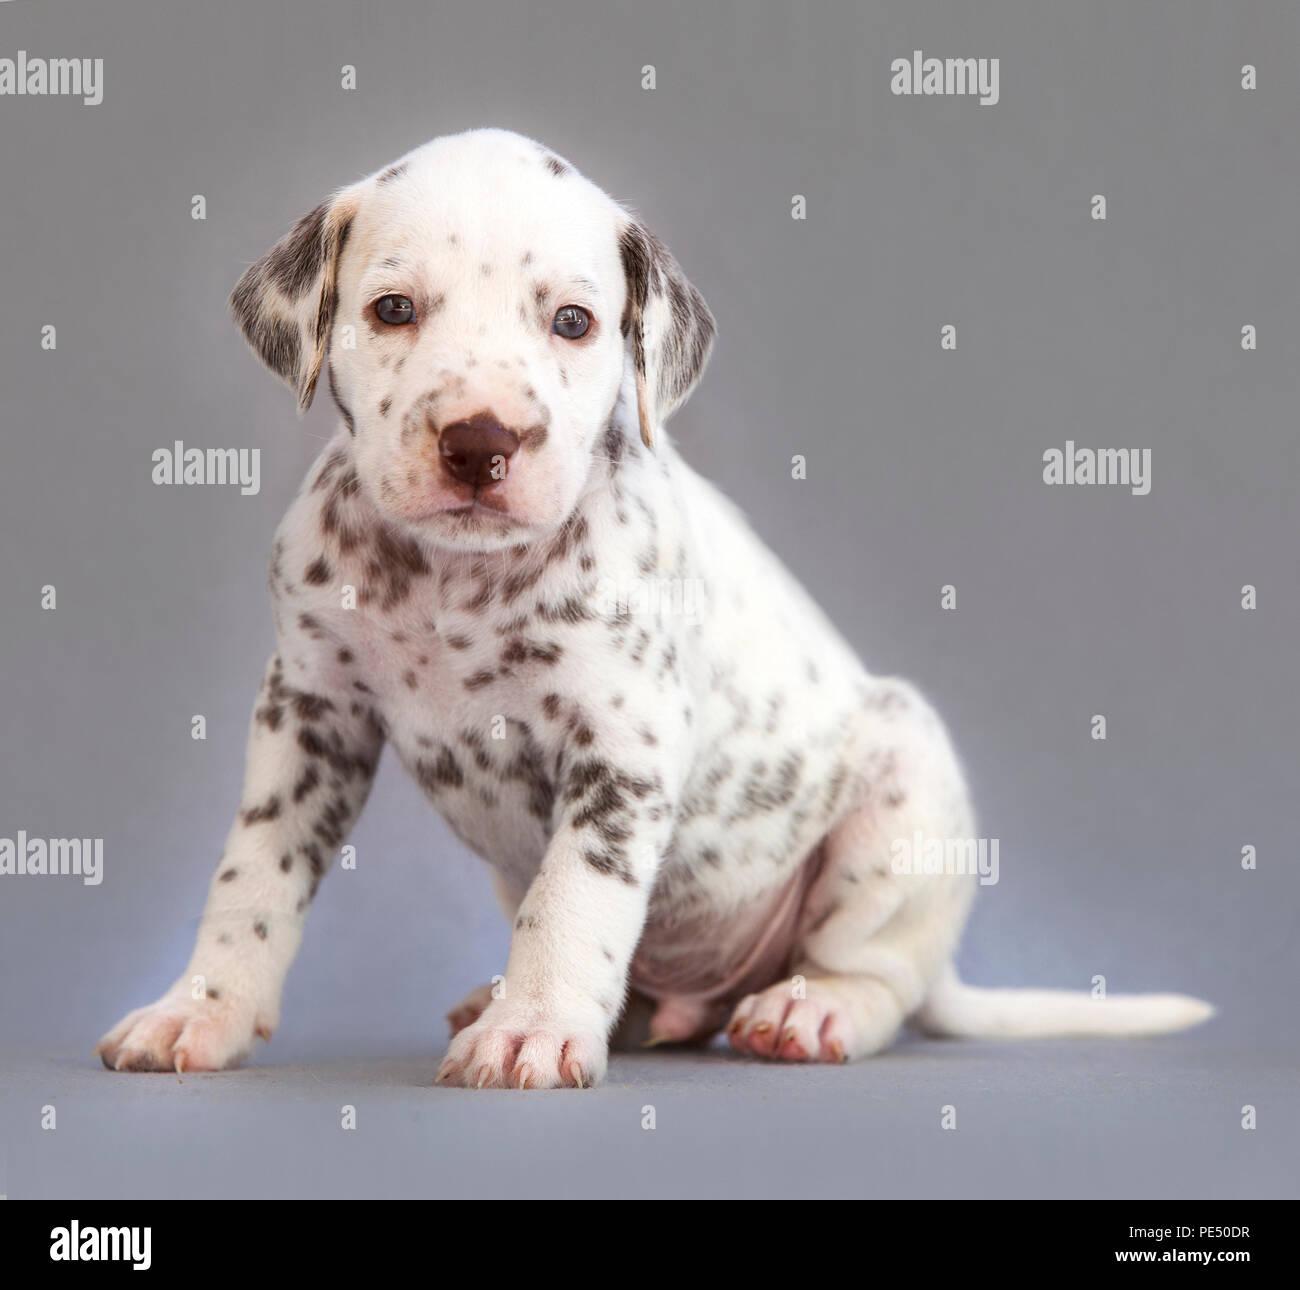 Cucciolo Di Cane Dalmata In Studio Con Sfondo Grigio Foto Immagine